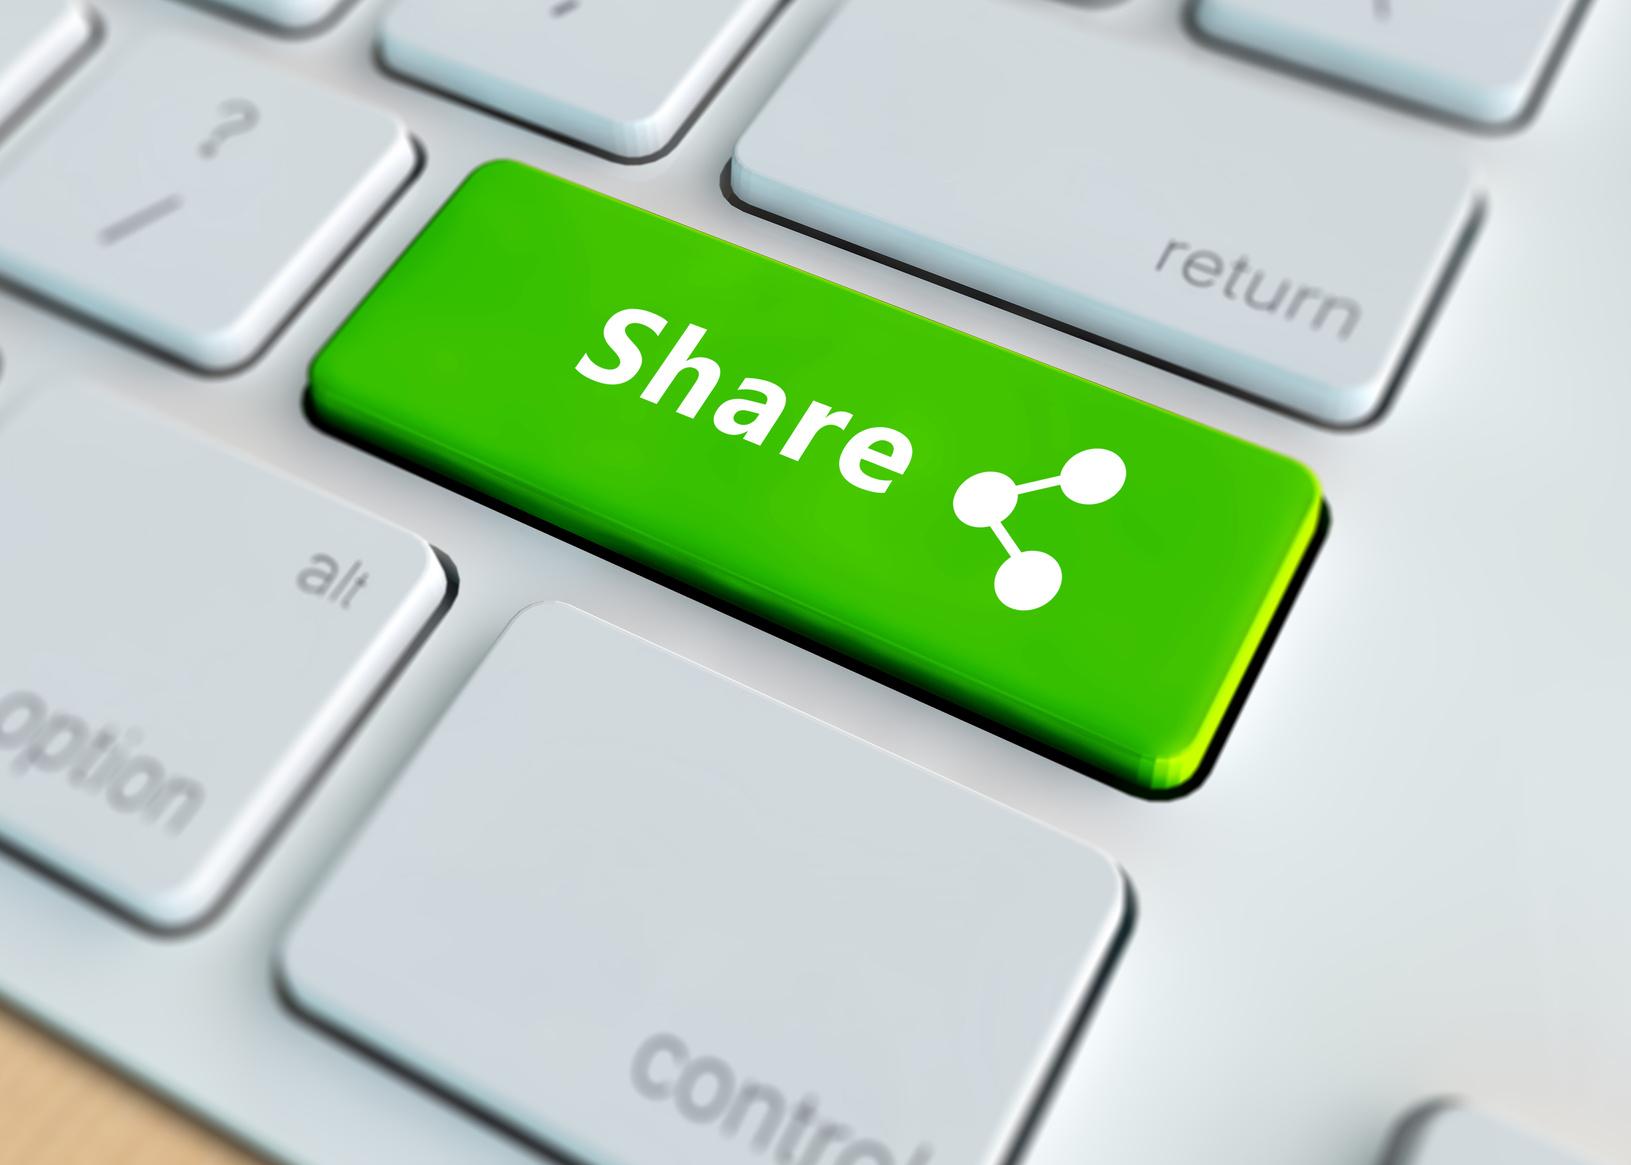 share_button_keyboard-2